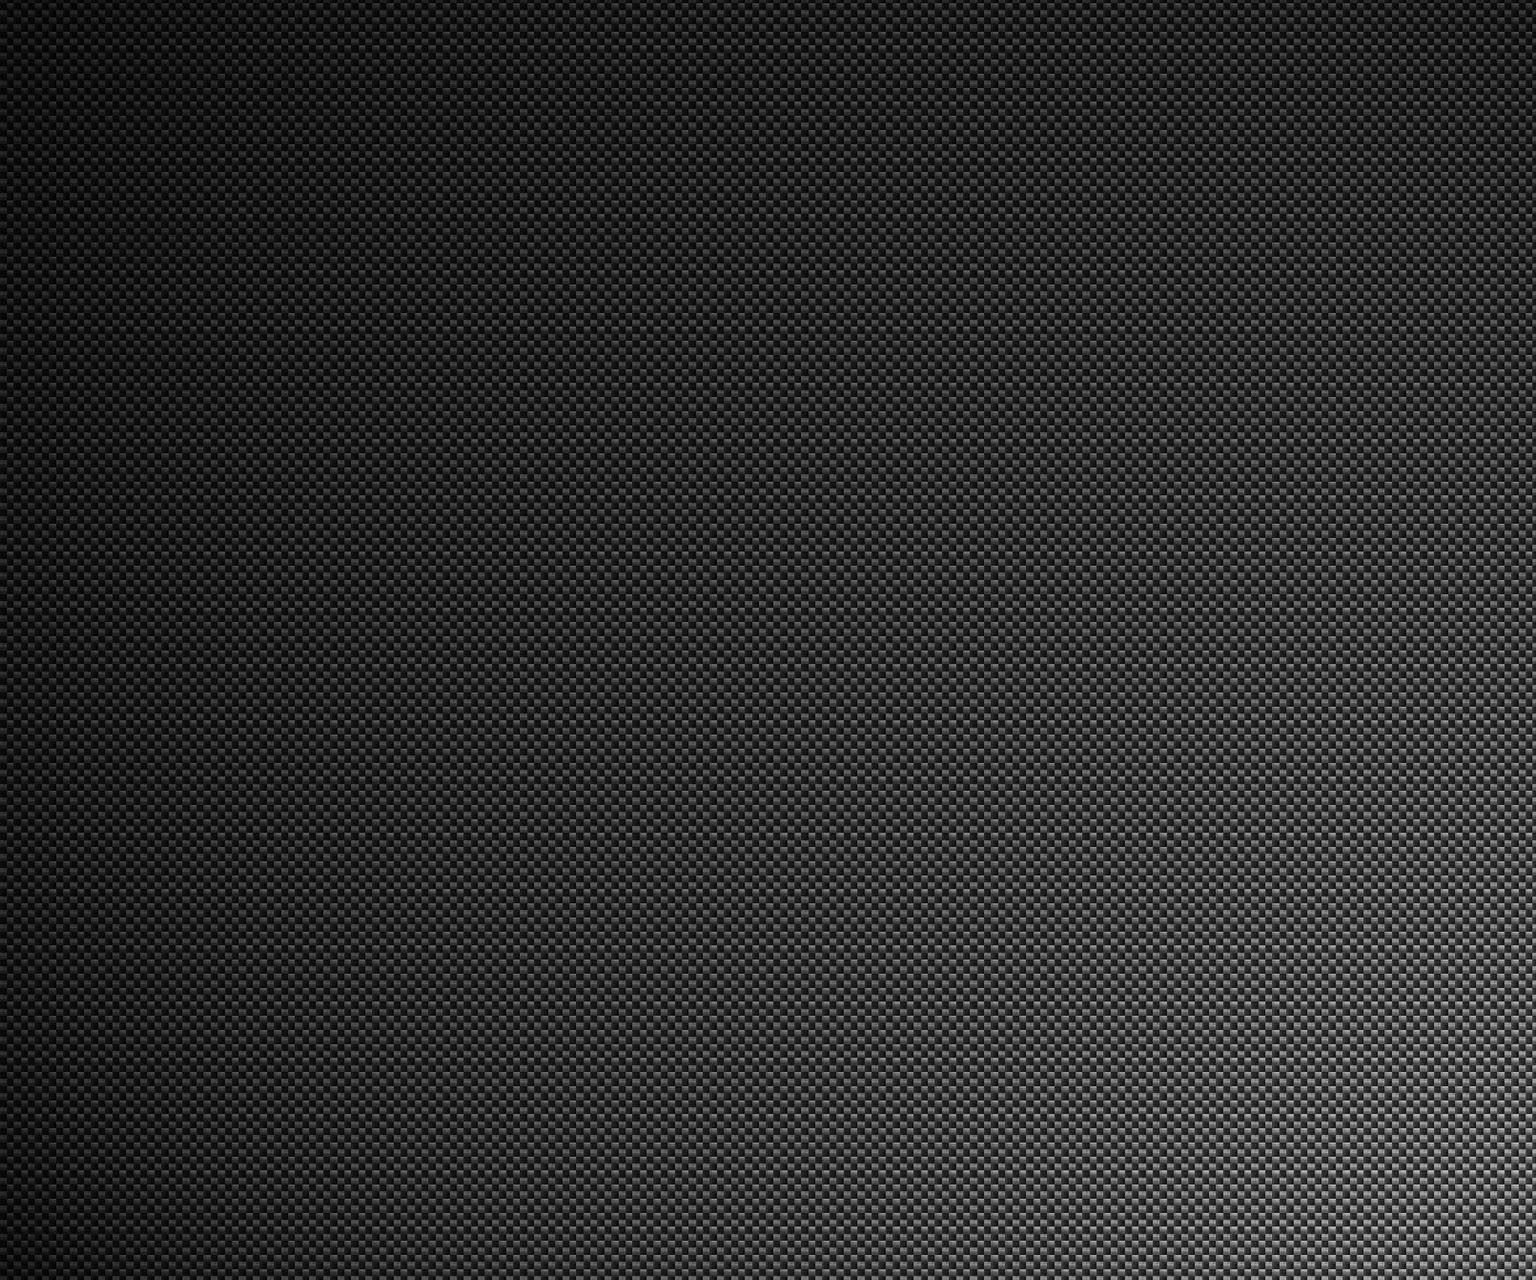 Blackberry 10 Wallpaper Blackberry 10 Wallpapers Iphone 7